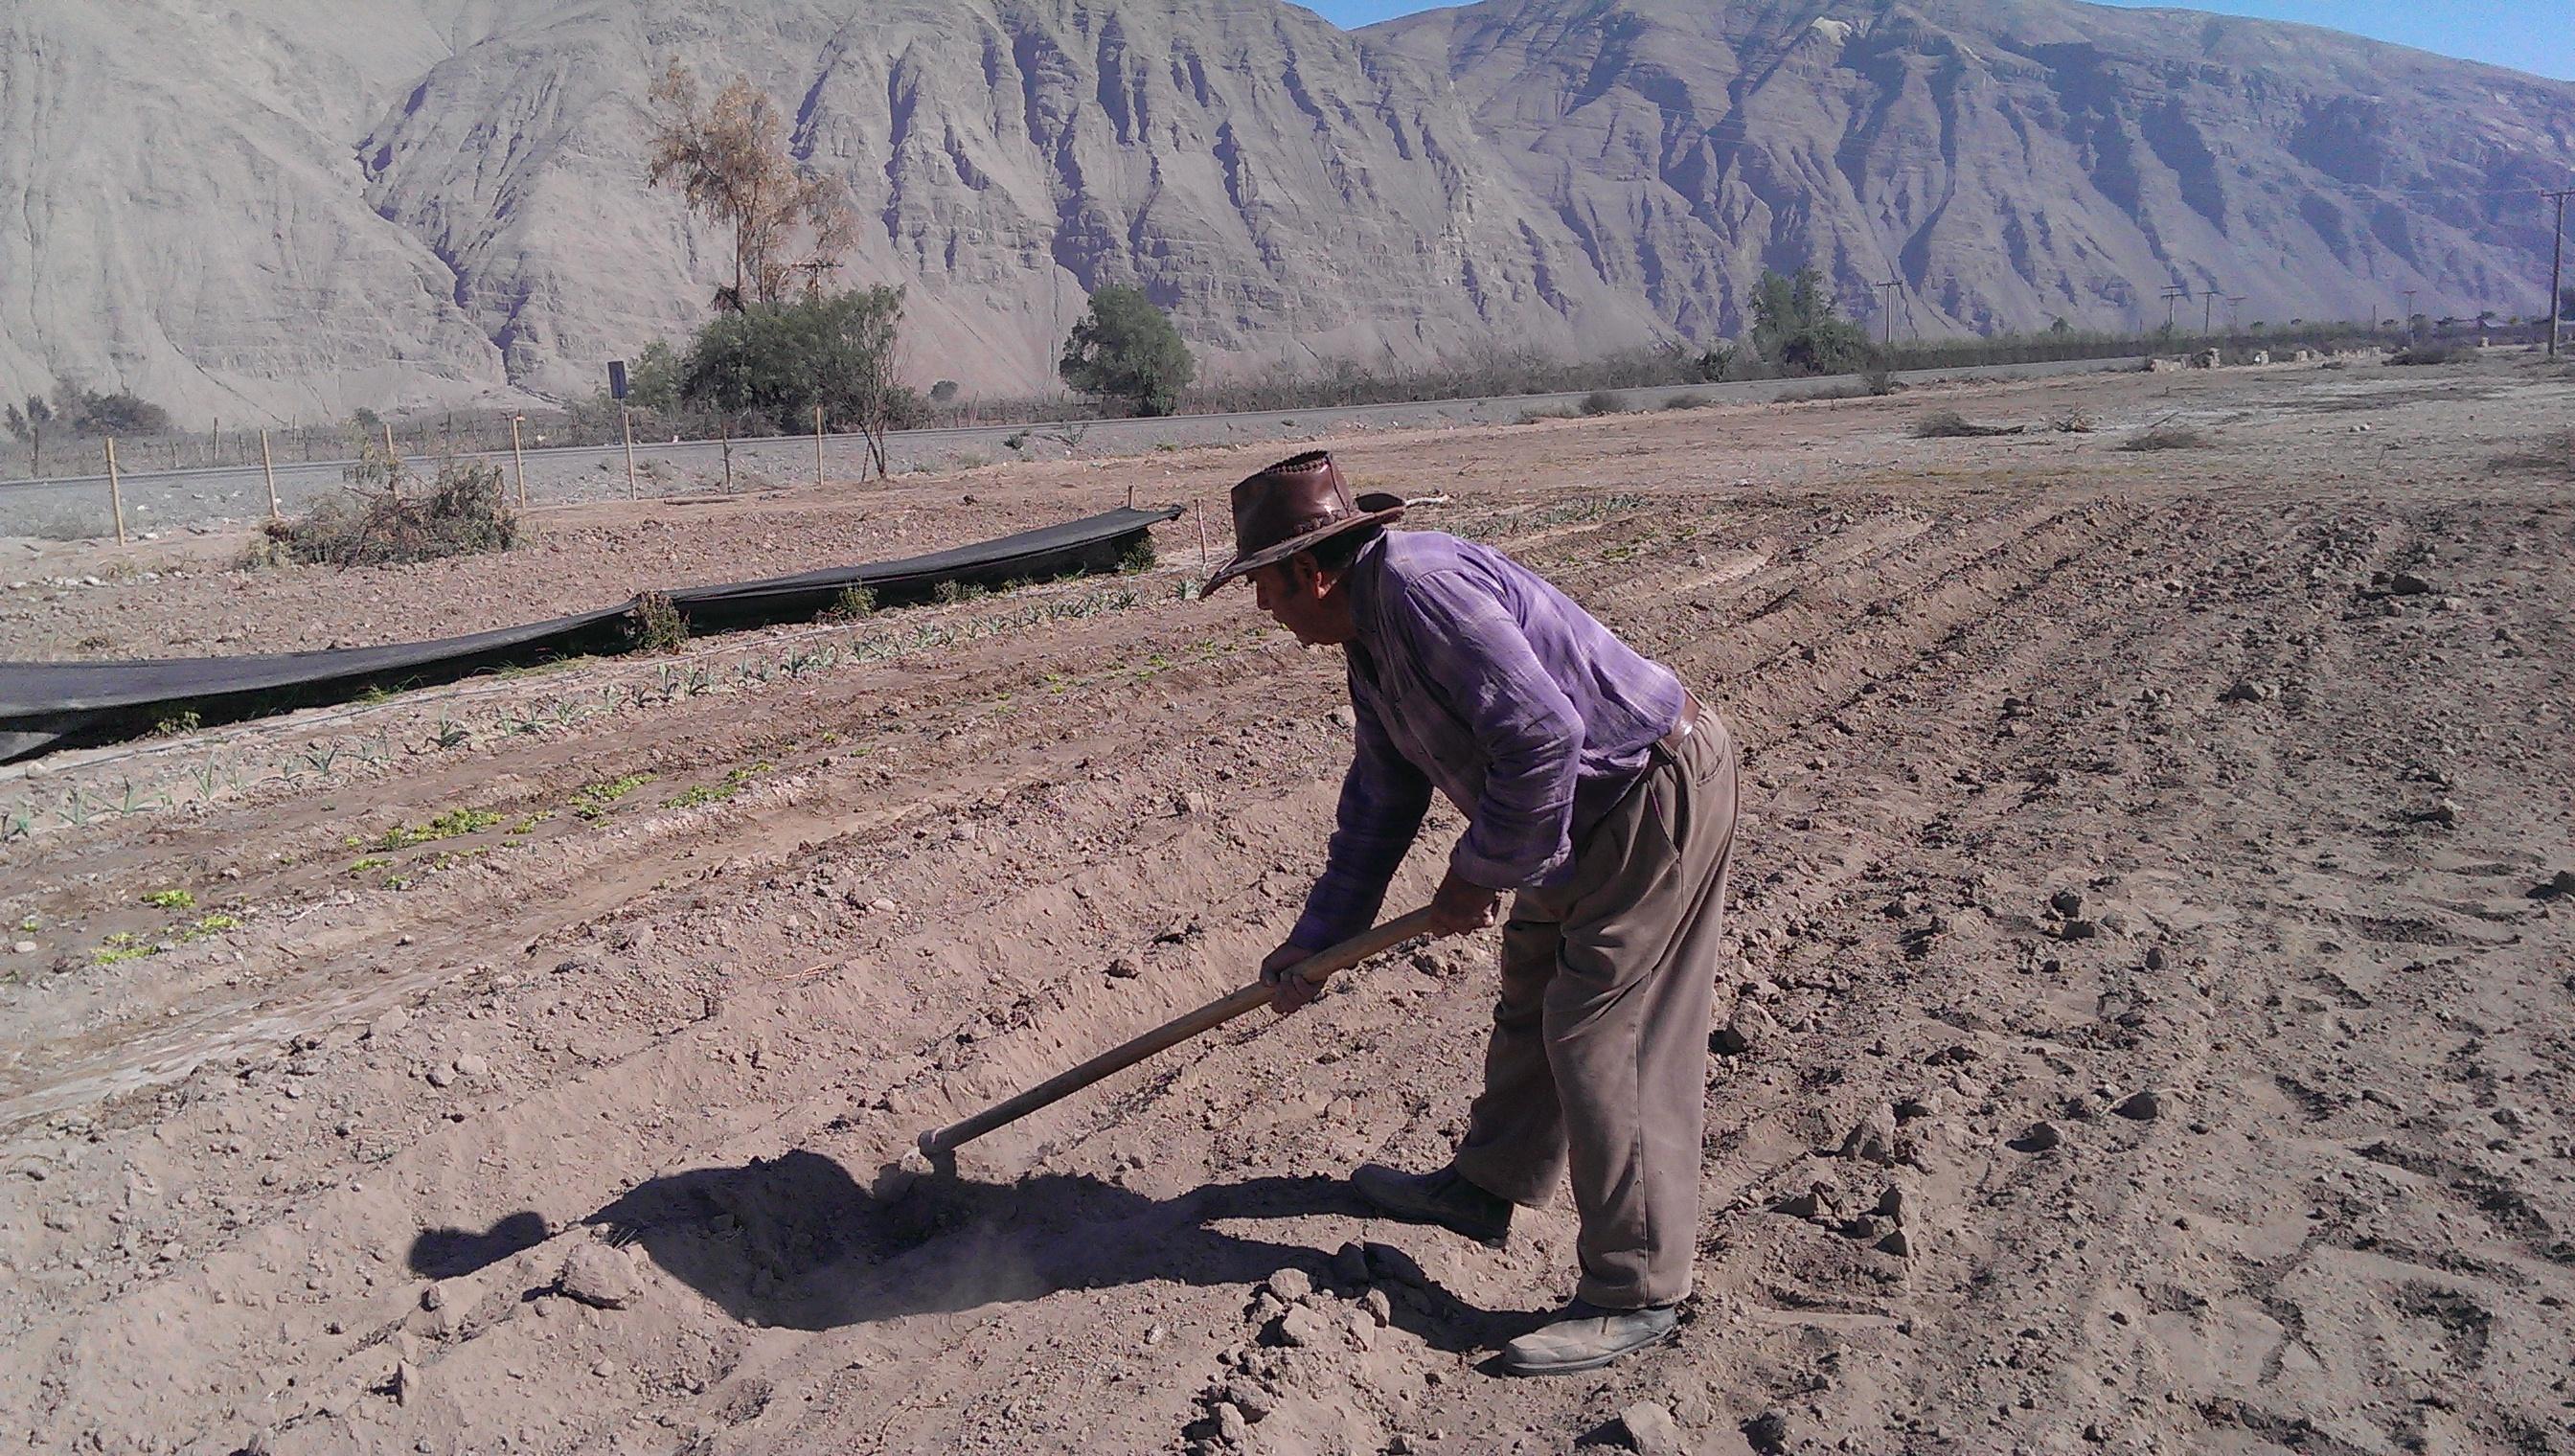 Bonificaciones entregadas por la CNR en provincia de Huasco superan los $1.500 millones en 2014